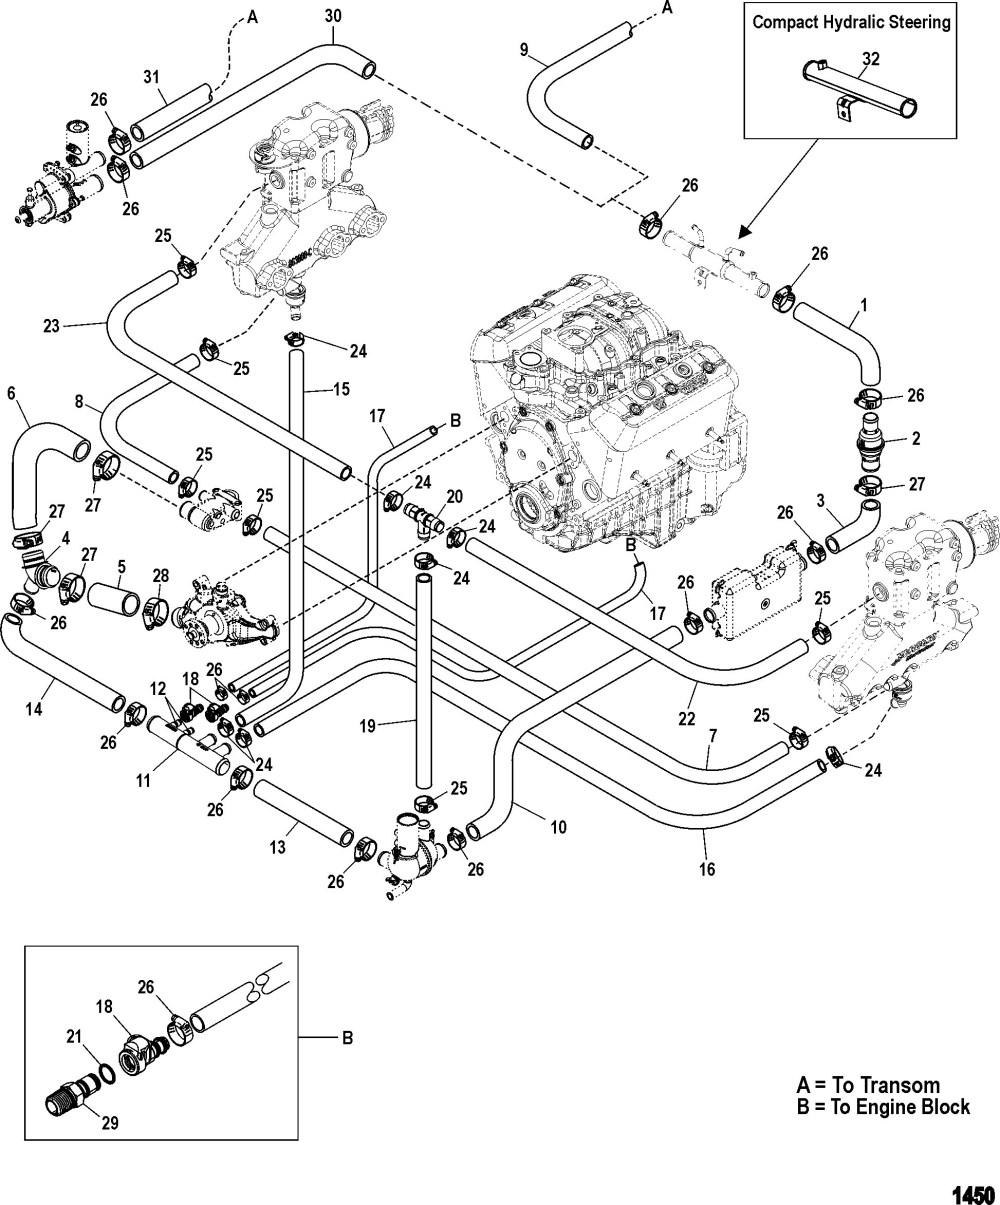 medium resolution of 4 3 vortec engine diagram elegant 4 3 vortec wiring diagram diagram of 4 3 vortec